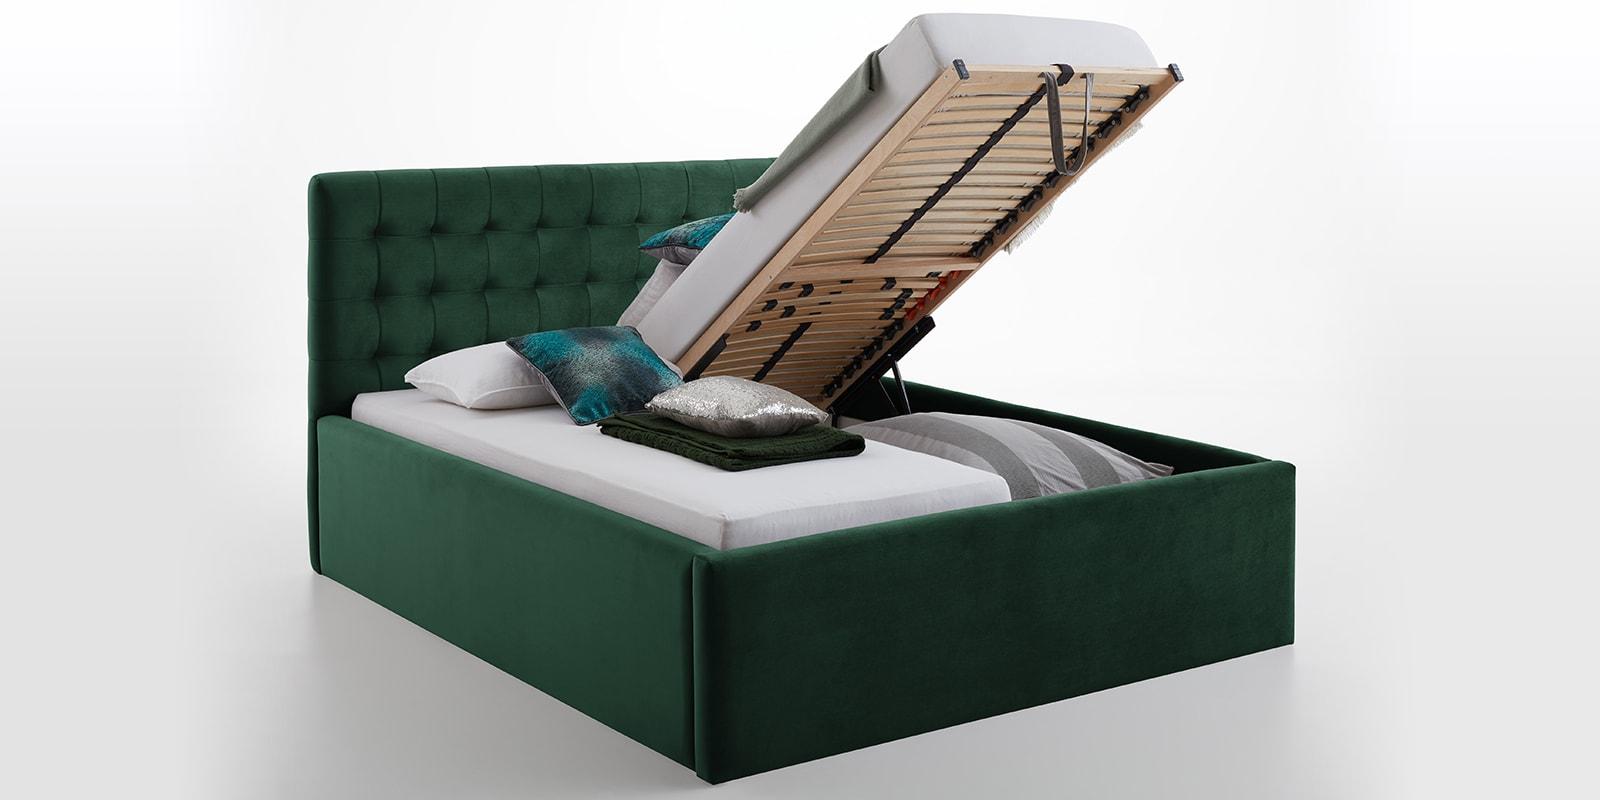 Moebella24 - Bett - mit - Bettkasten - Molly - Smaragd - Taupe - XXL-Bettkasten - Bettkasten - und - Lattenrost - vormontiert - Kopfteil - mit - Steppungen